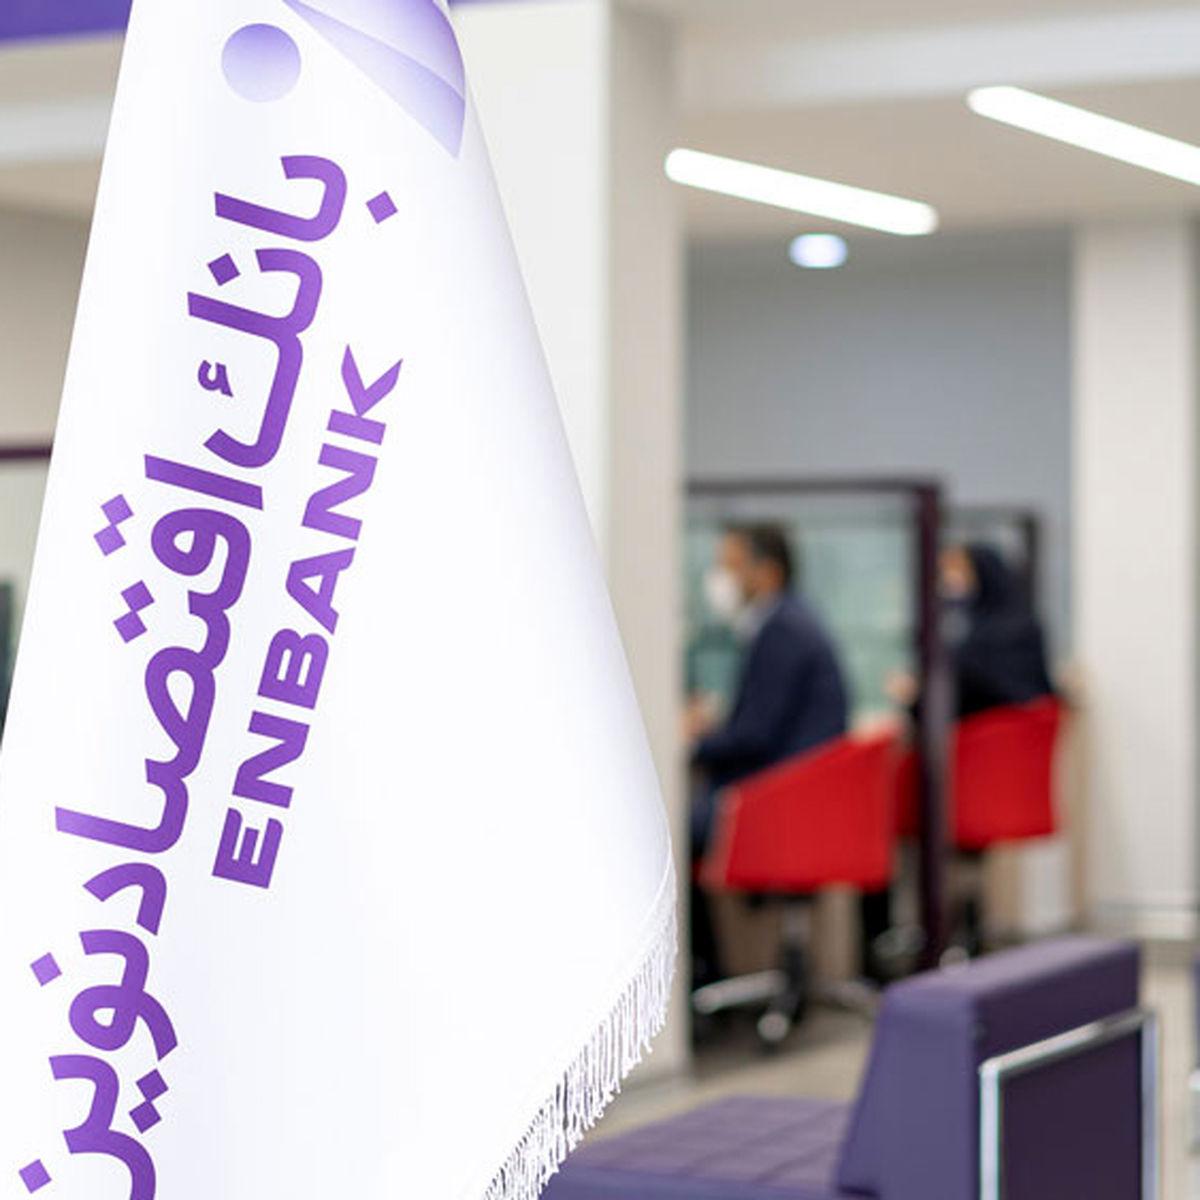 استقبال از نهمین دوره جشنواره حساب های قرضالحسنه پسانداز بانک اقتصادنوین